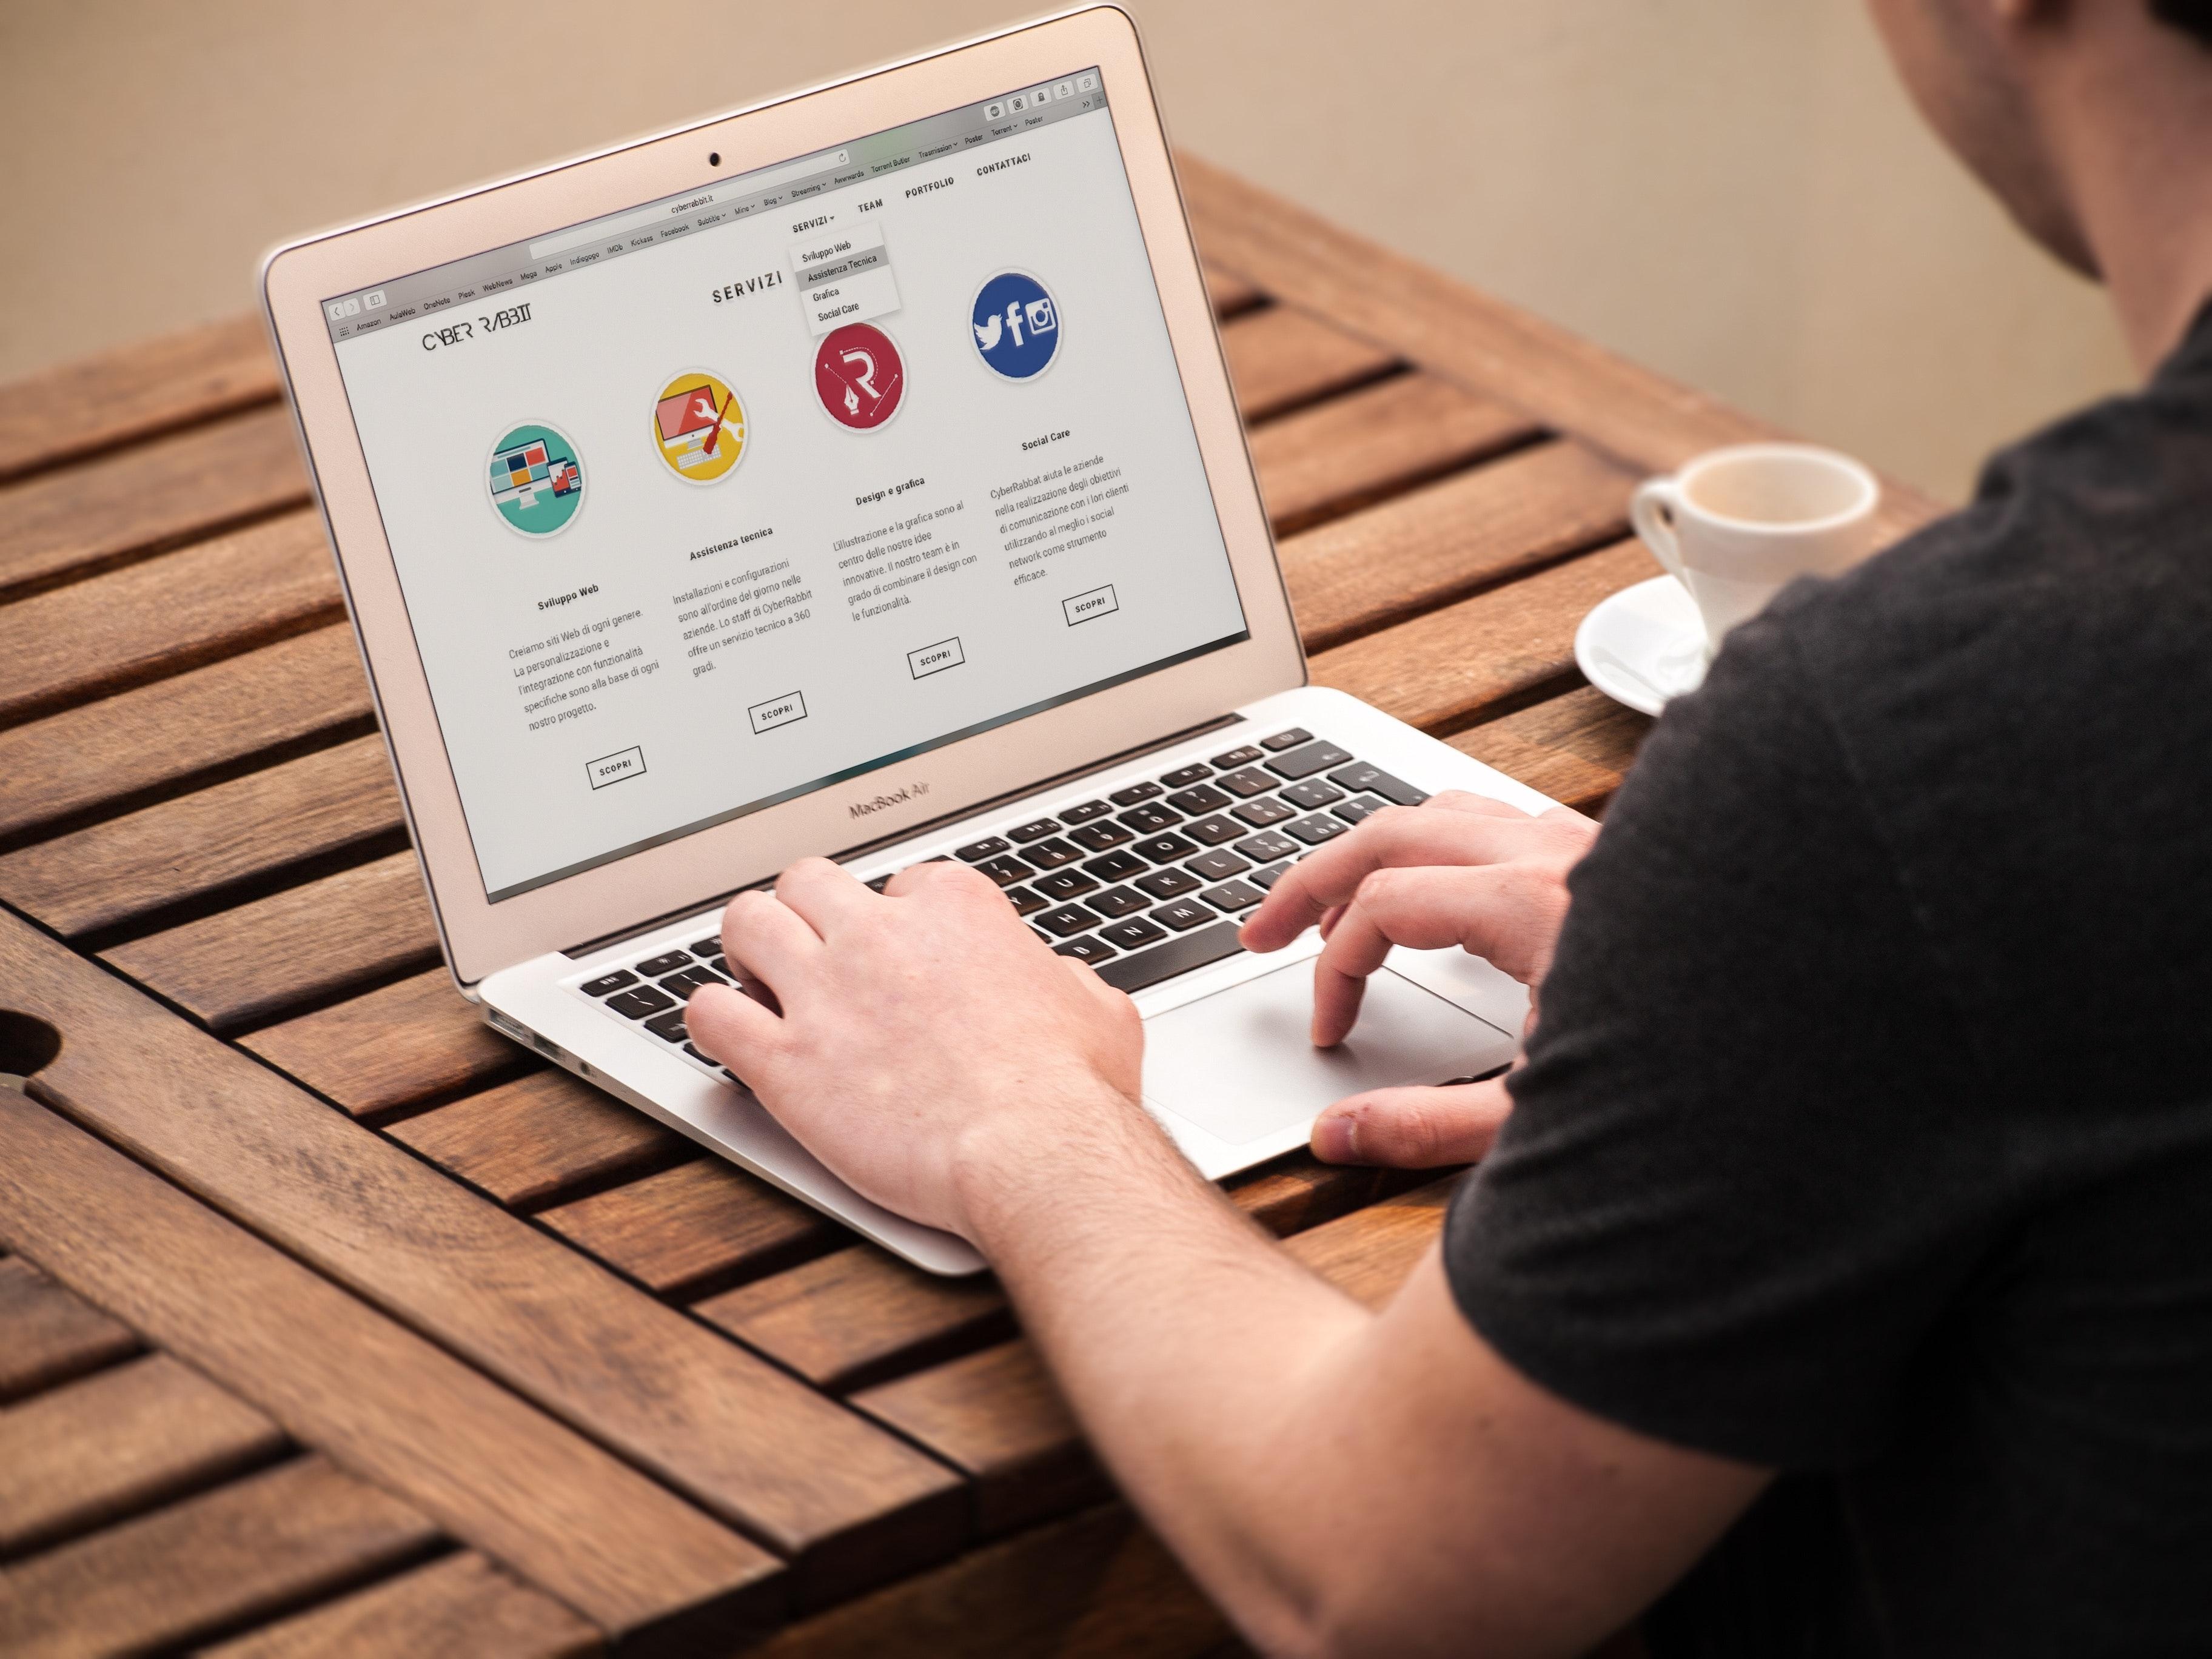 テレワークに使える便利なツールについて解説した記事内のイメージ画像です。